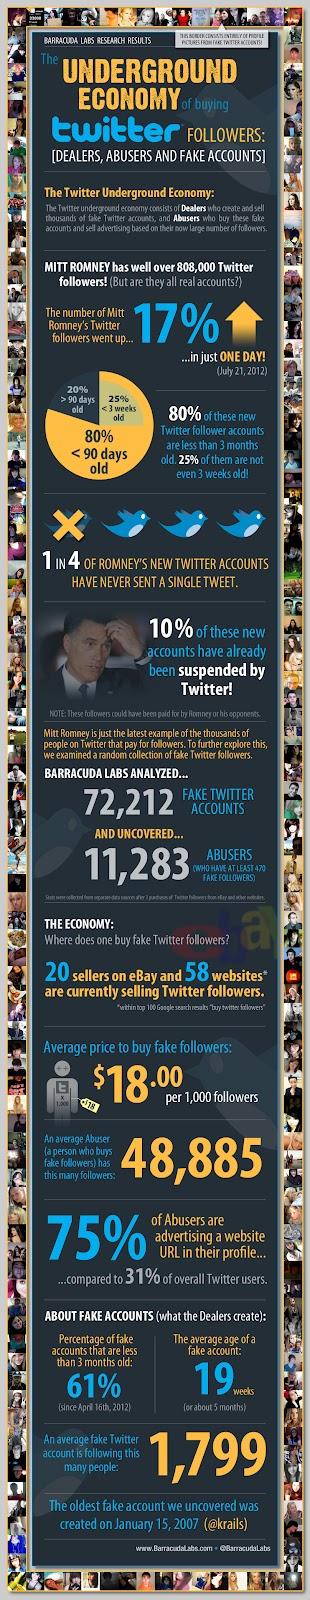 Infografia compra y venta de seguidores y RTweets en Twitter